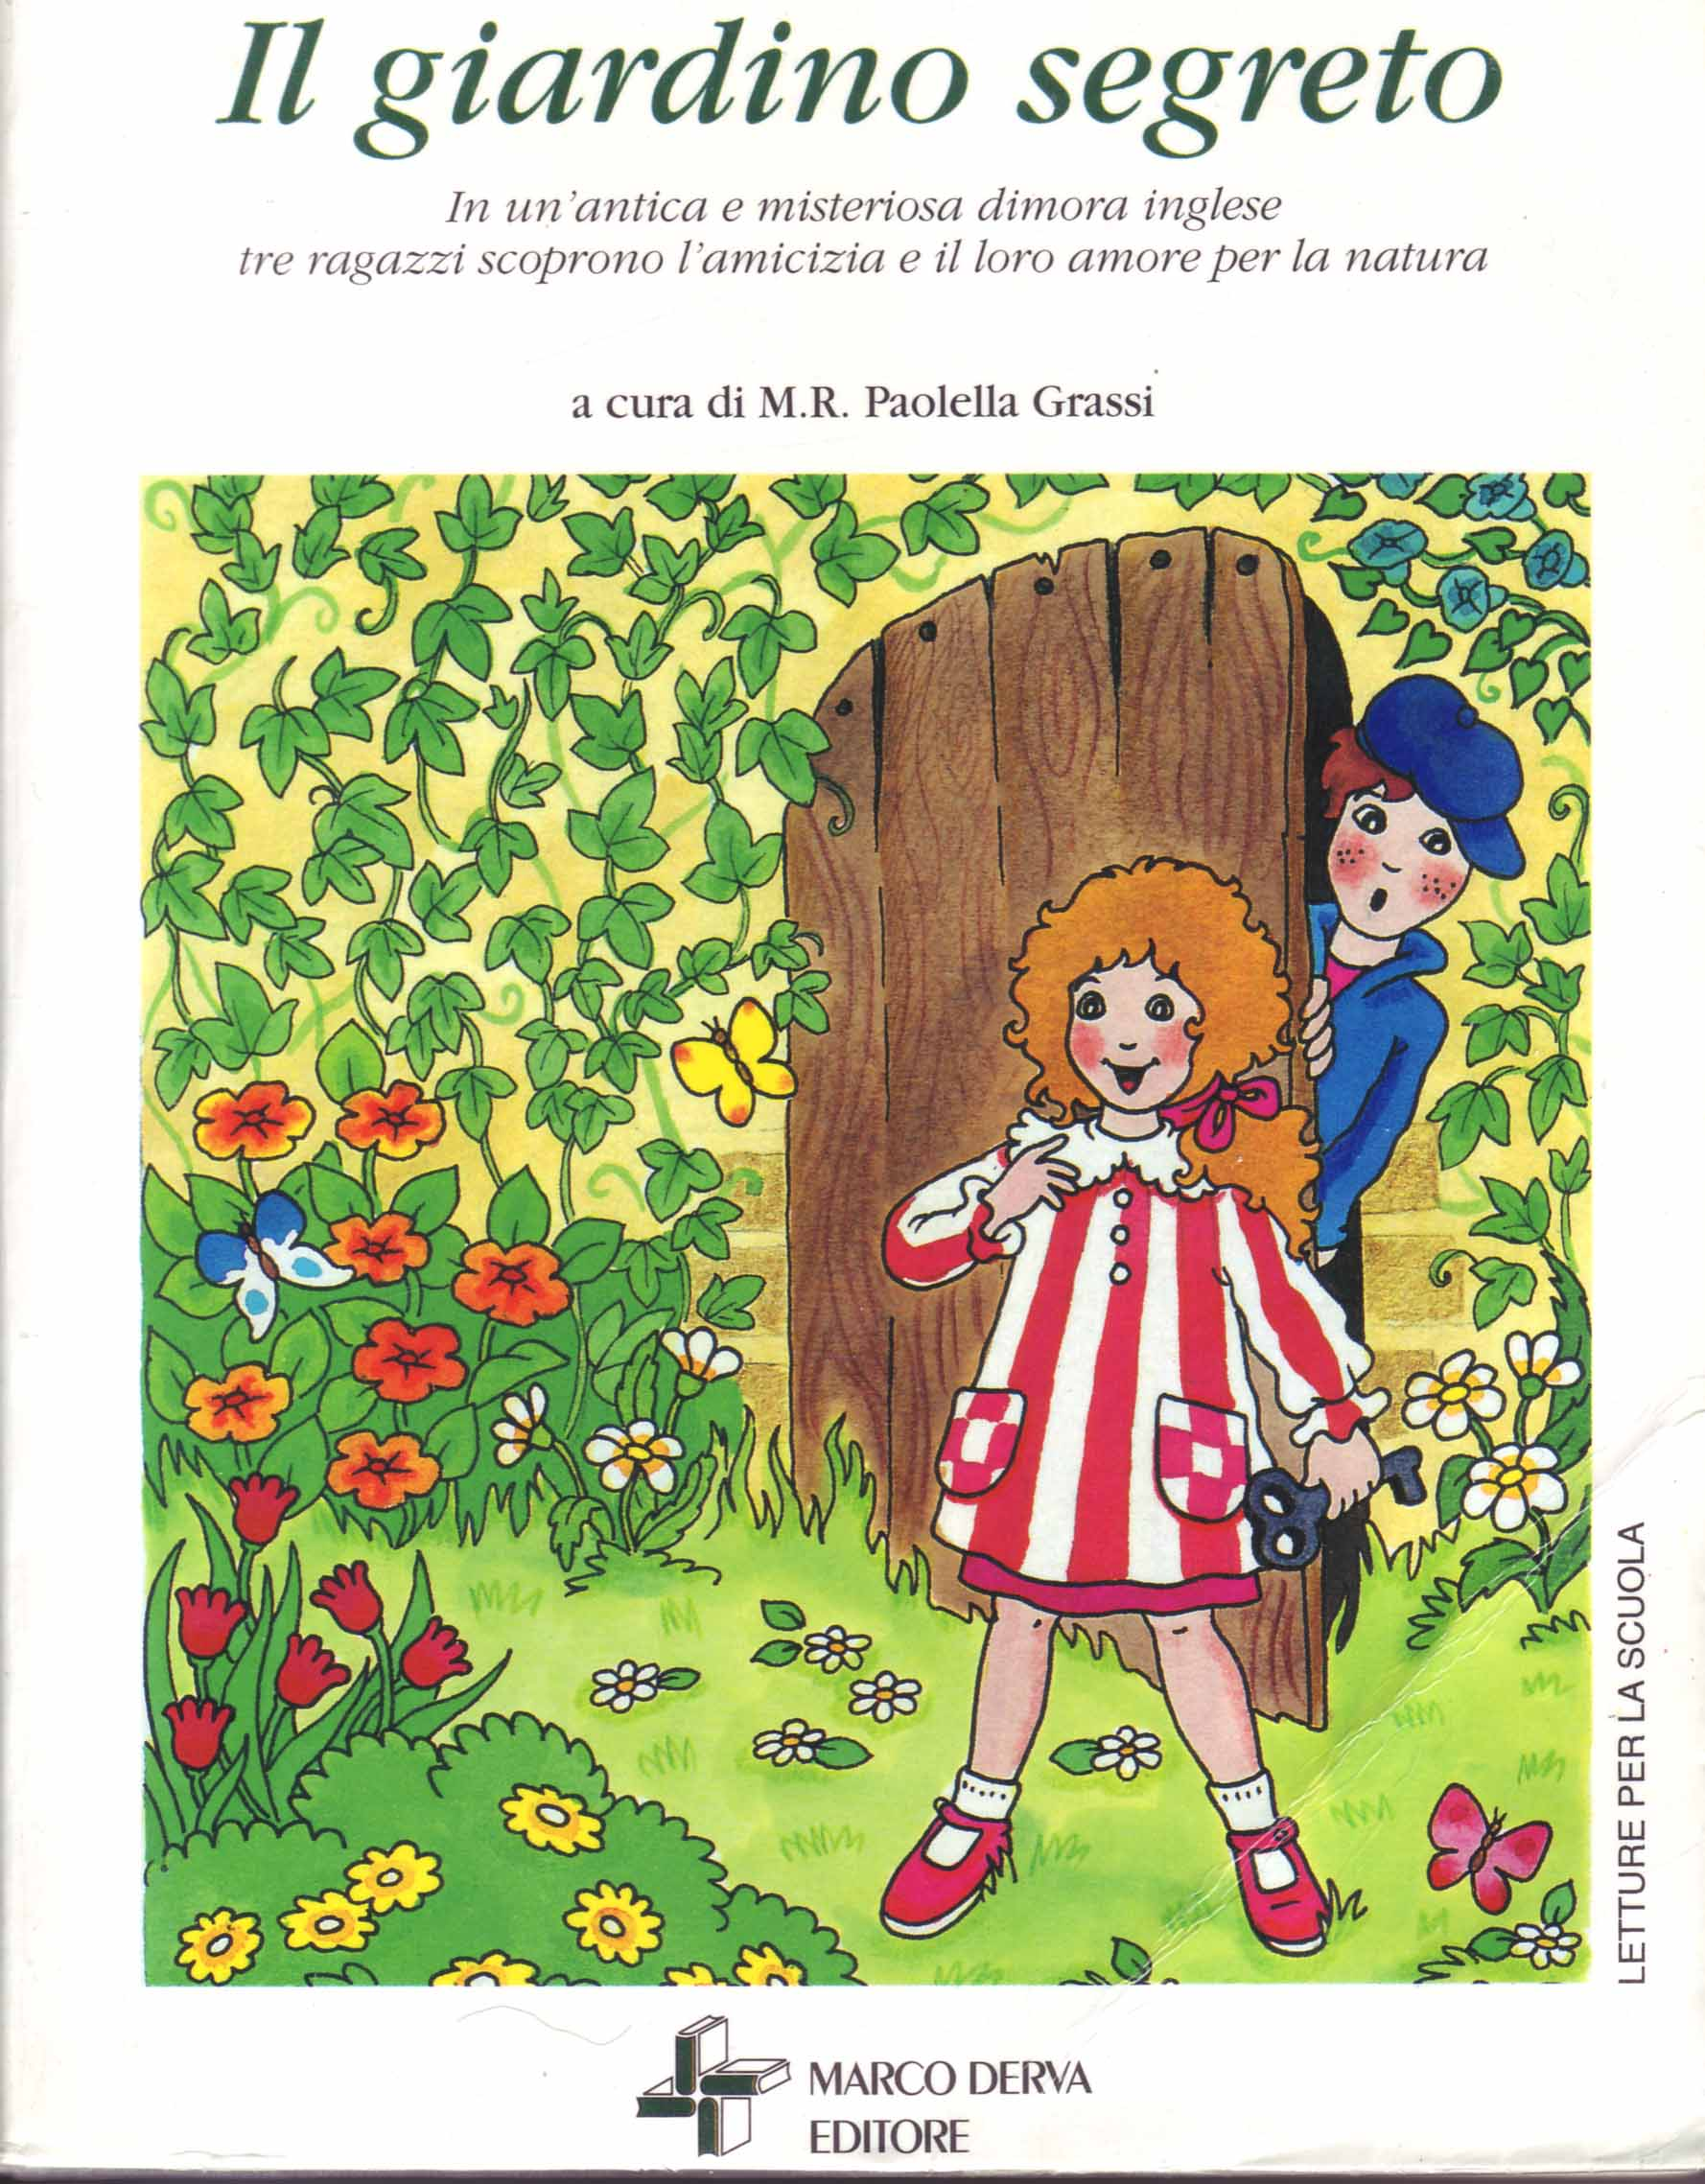 Il giardino segreto frances hodgson burnett 458 recensioni marco derva editore paperback - Il giardino segreto streaming ...